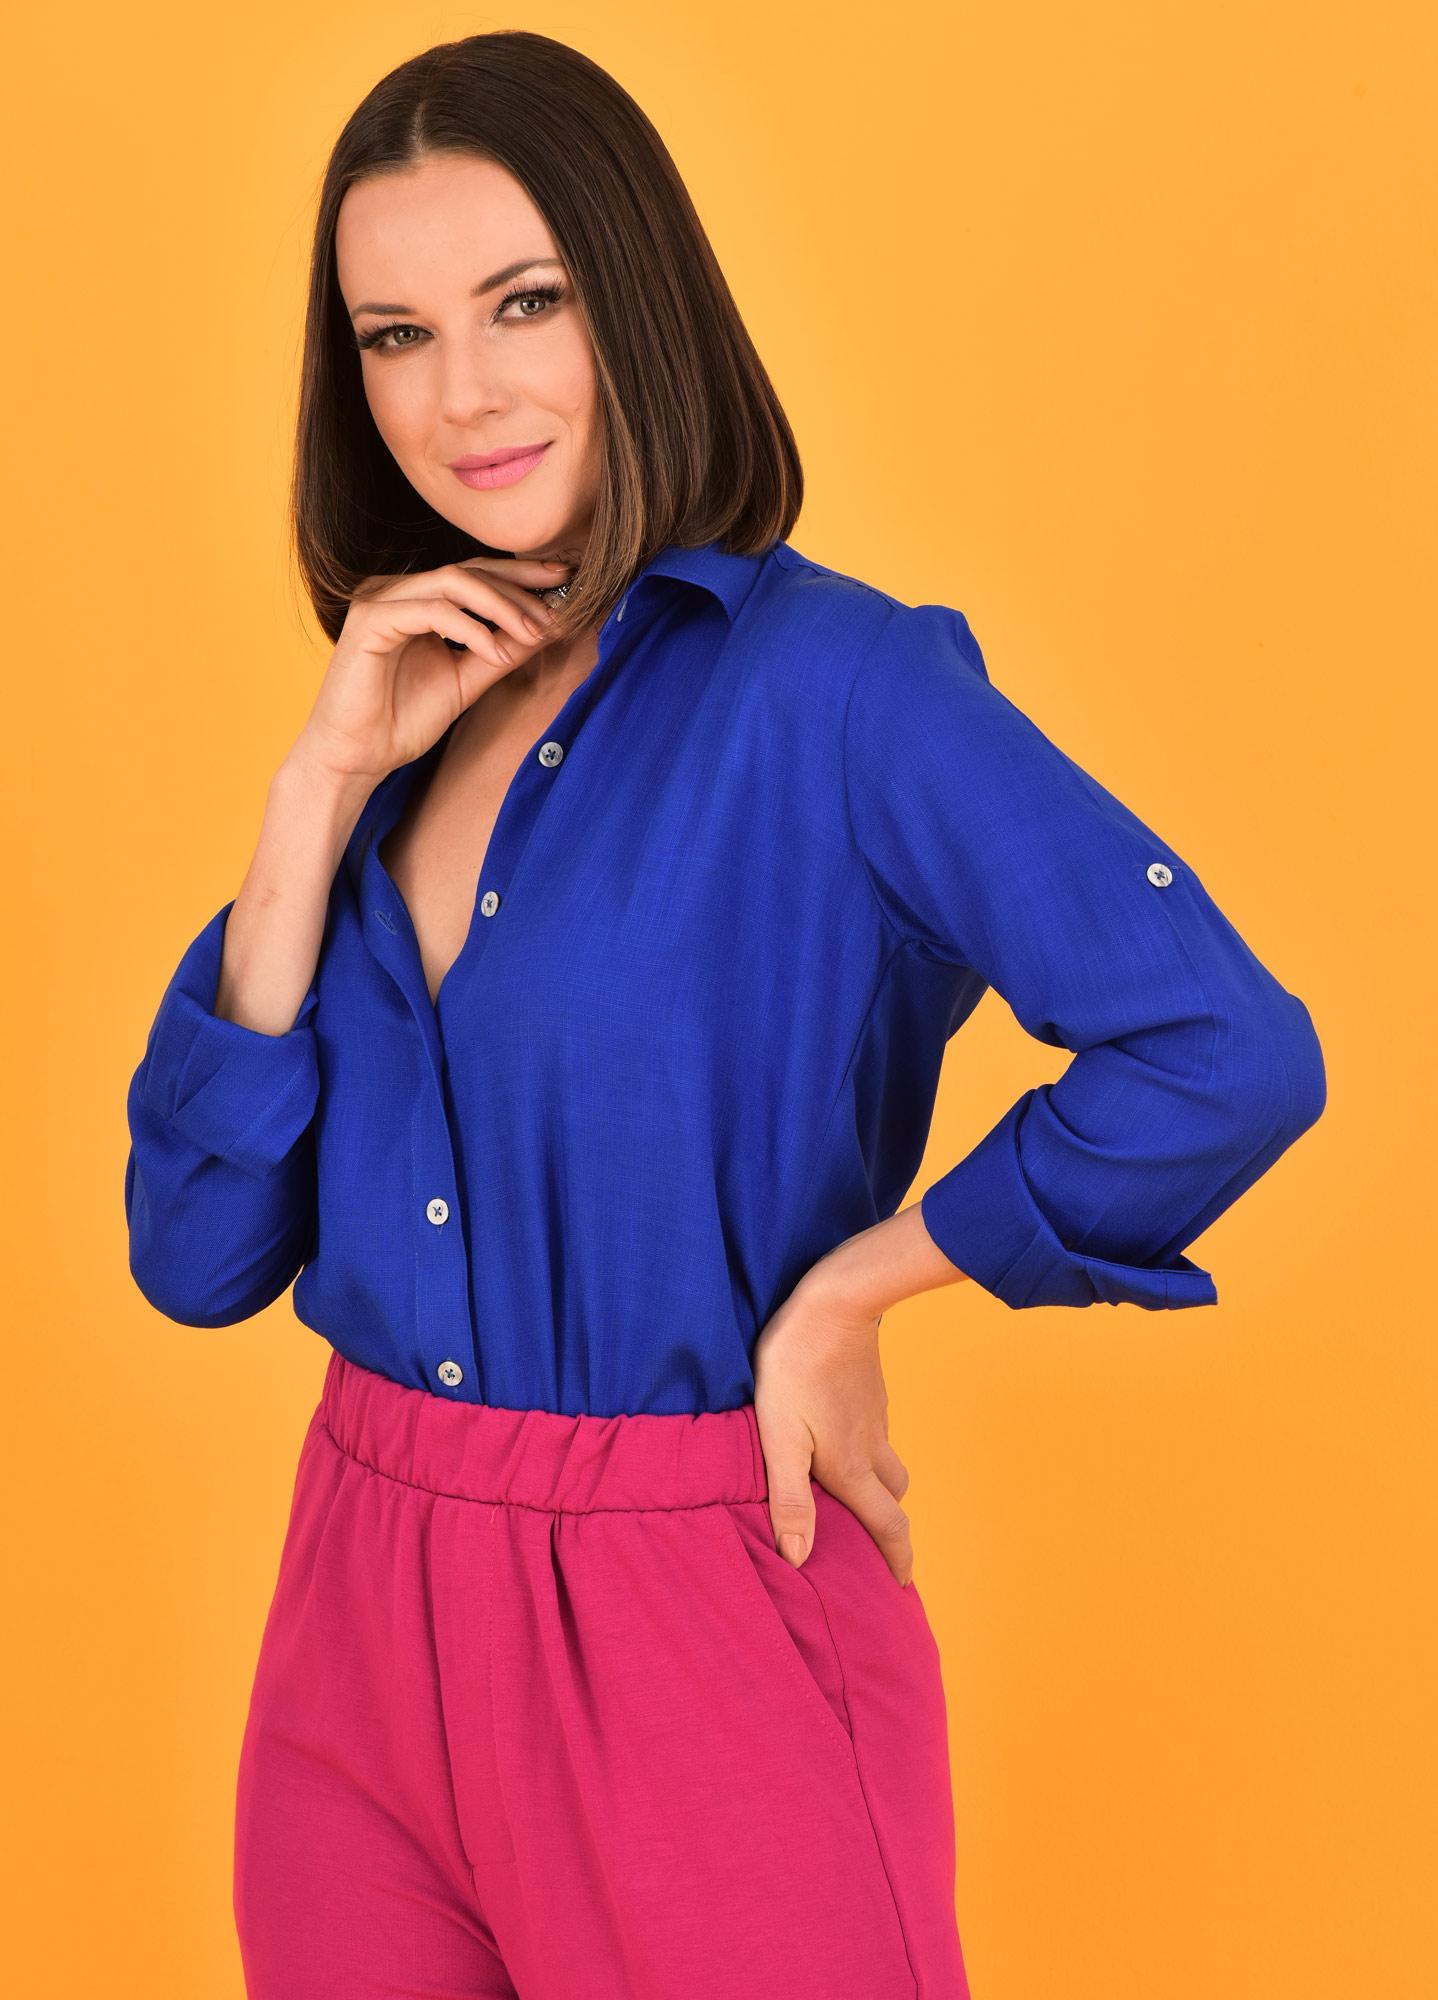 Camisa Oversized Feminina Viscolinho Royal